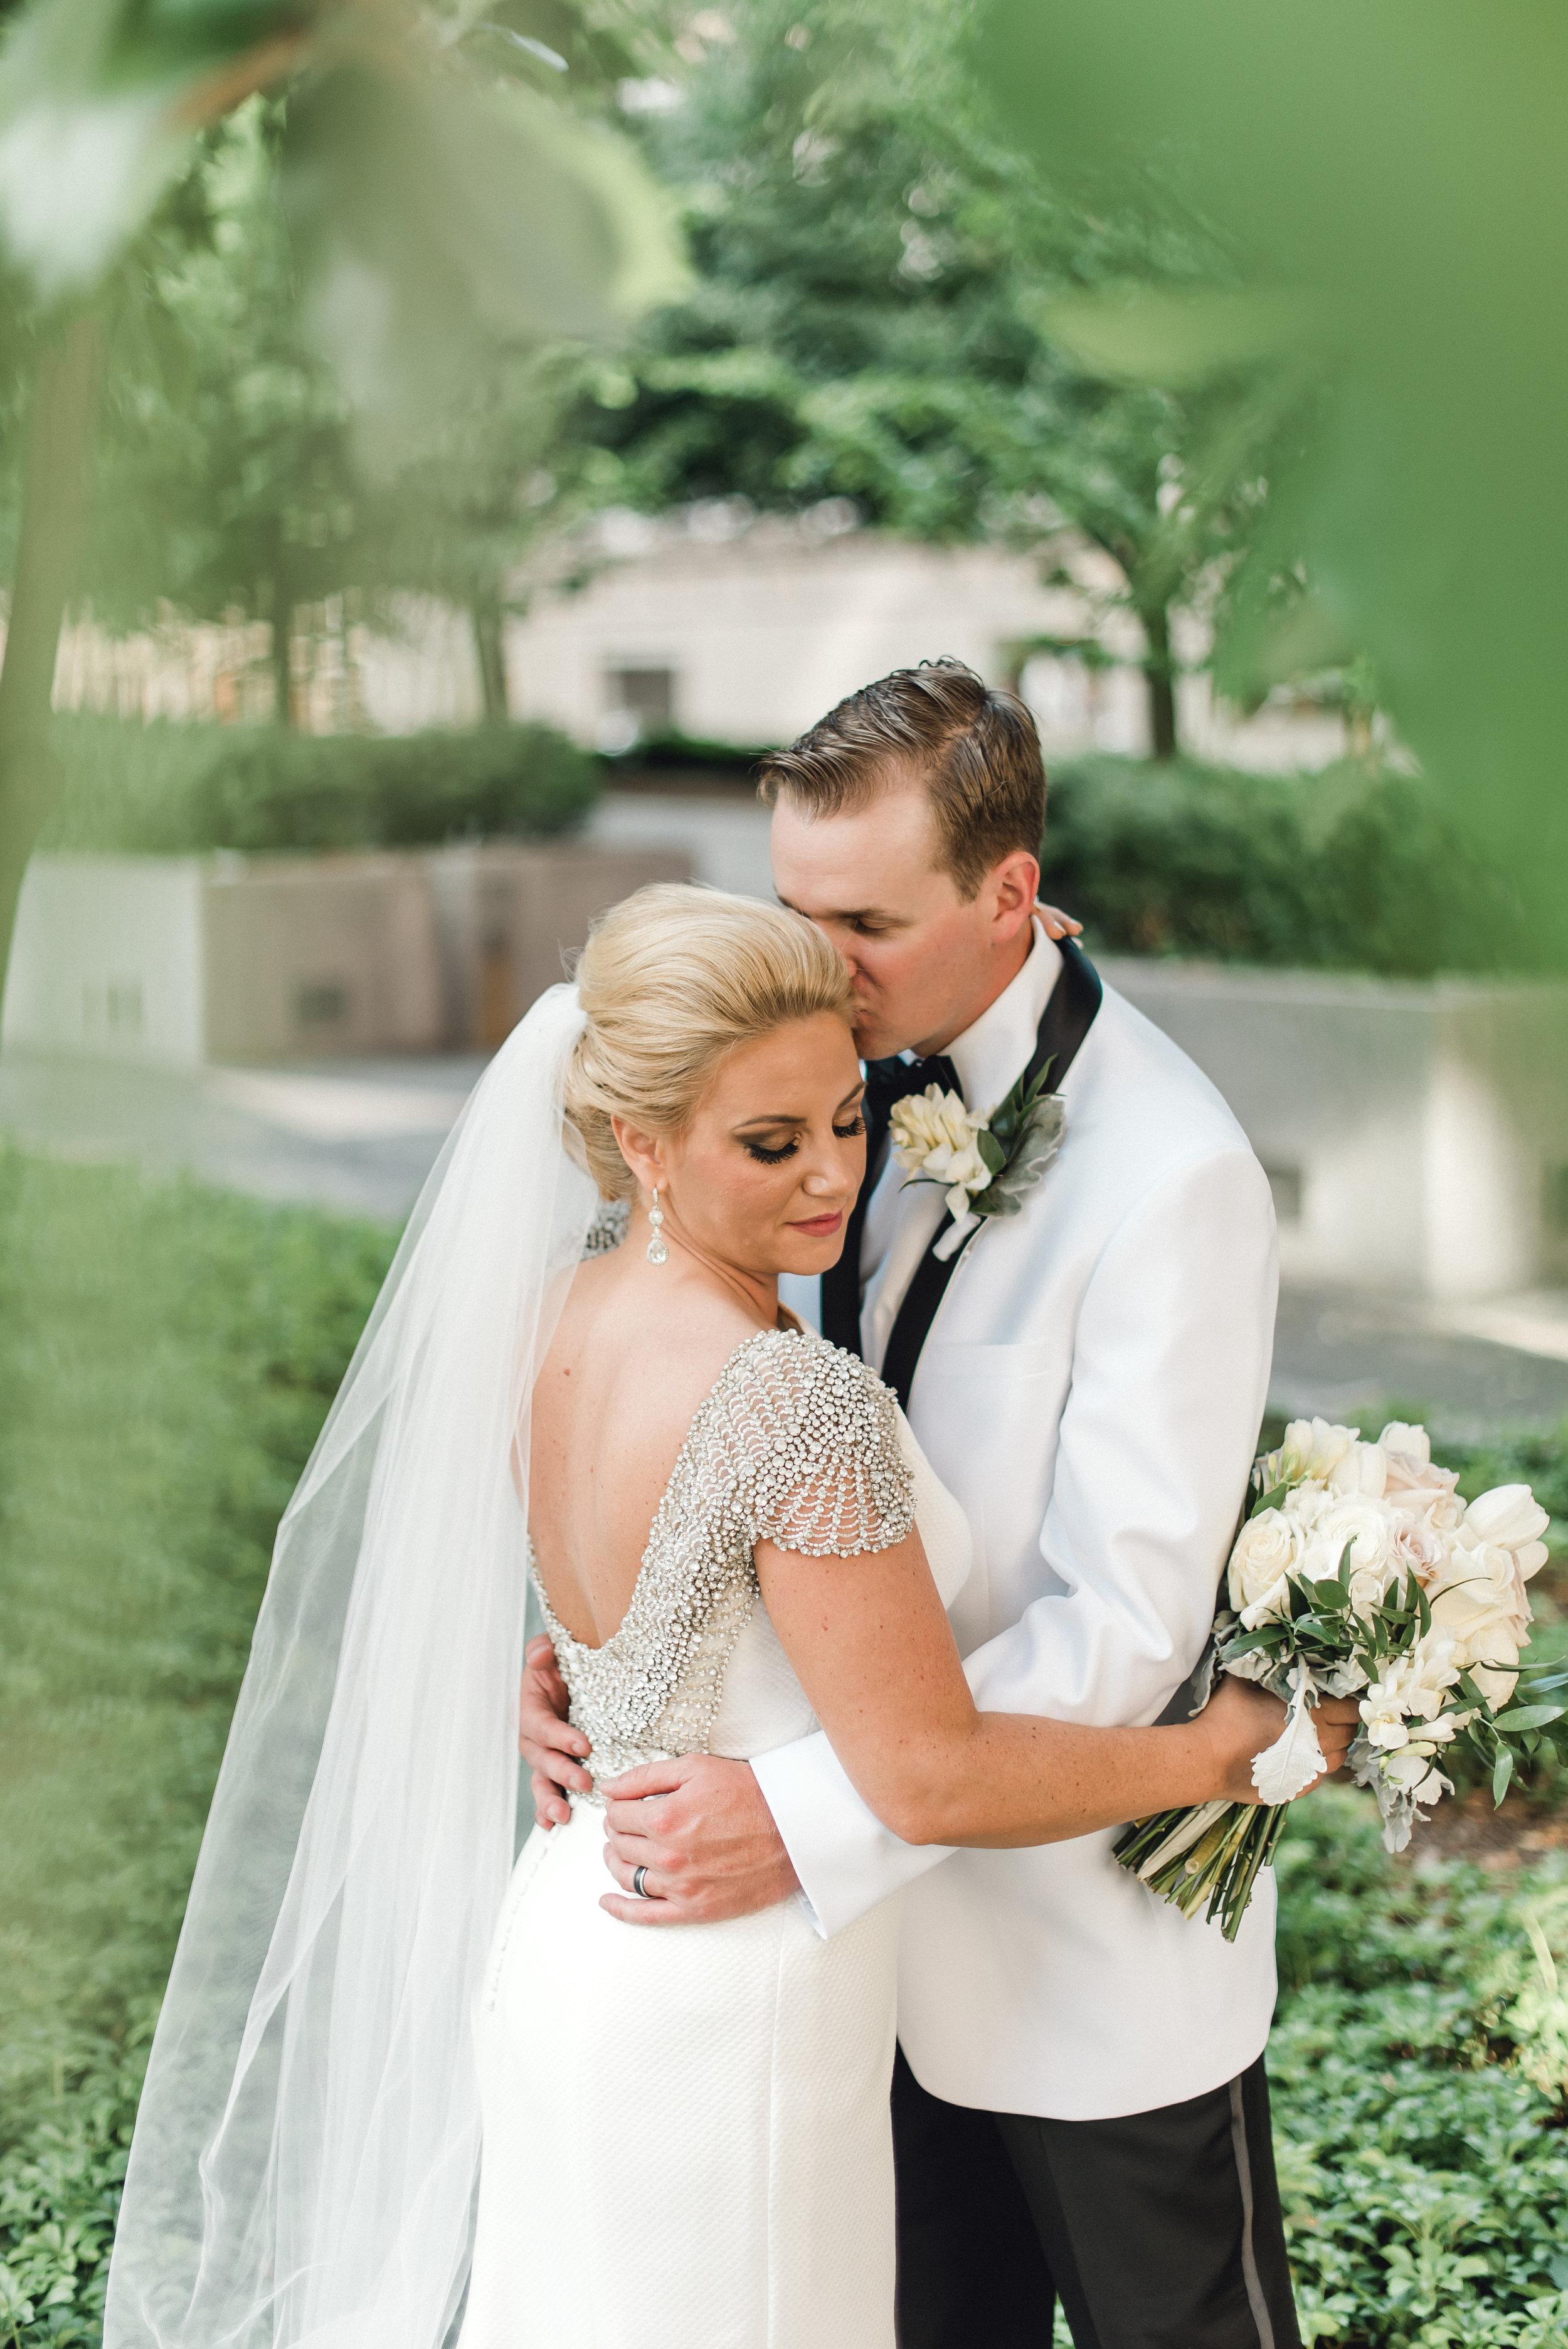 omni-william-penn-wedding-classic-chic-modern-photography-0027.jpg